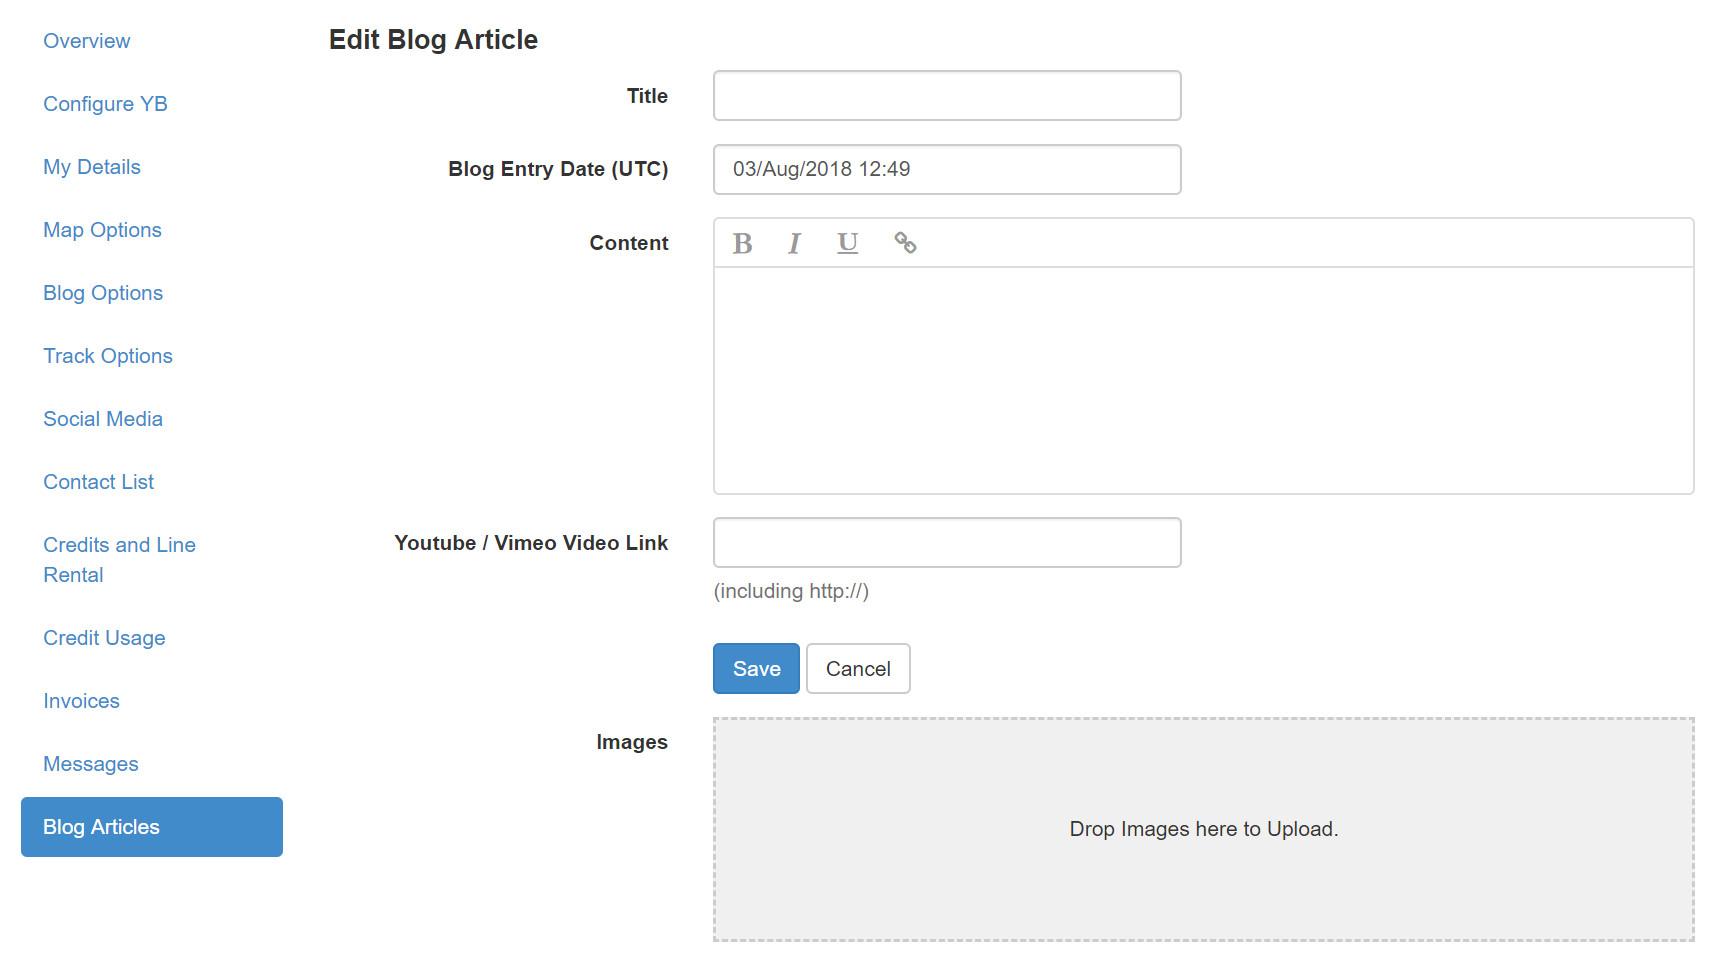 YBlog - Add Post